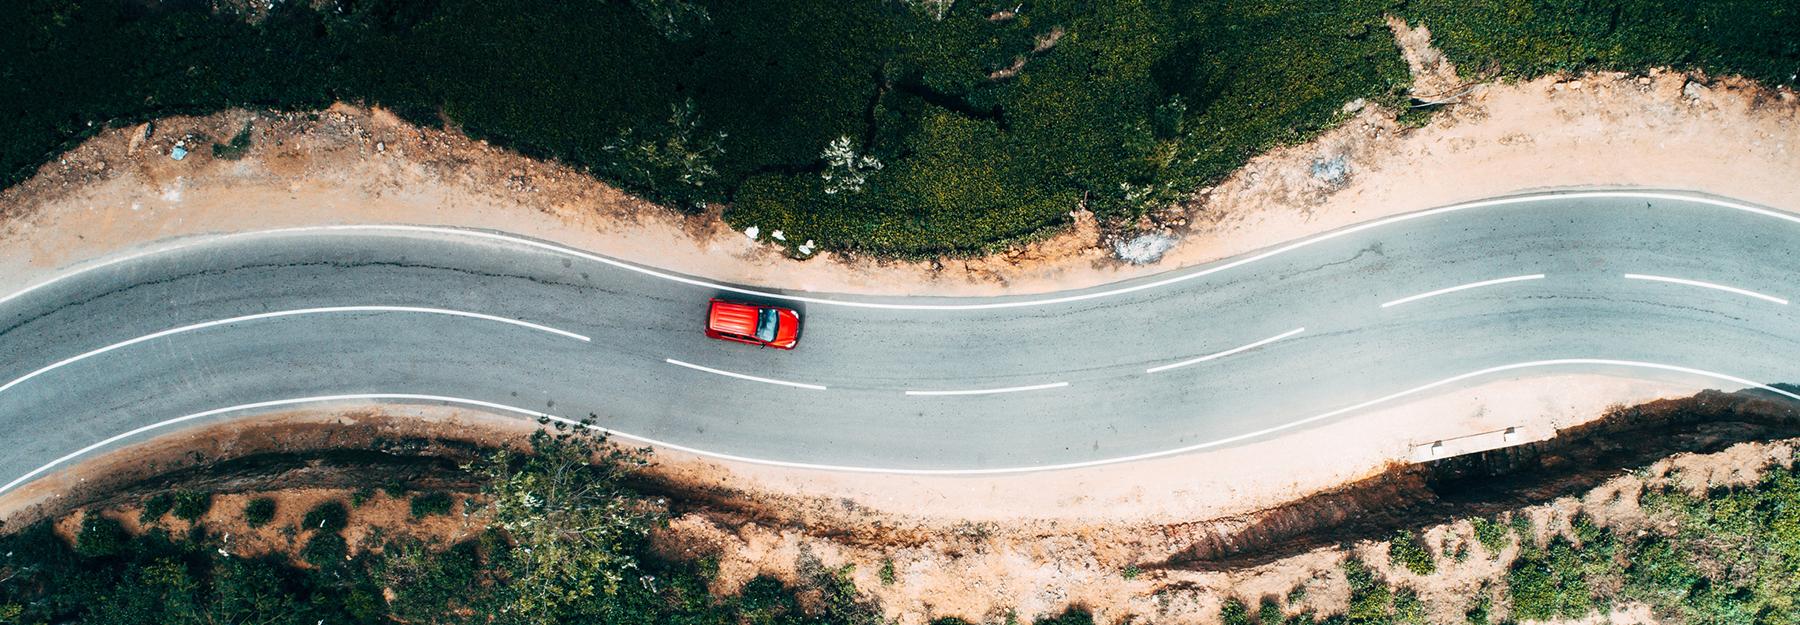 Kfz Versicherung Kosten Tipps Test Und Tarifvergleich 2019